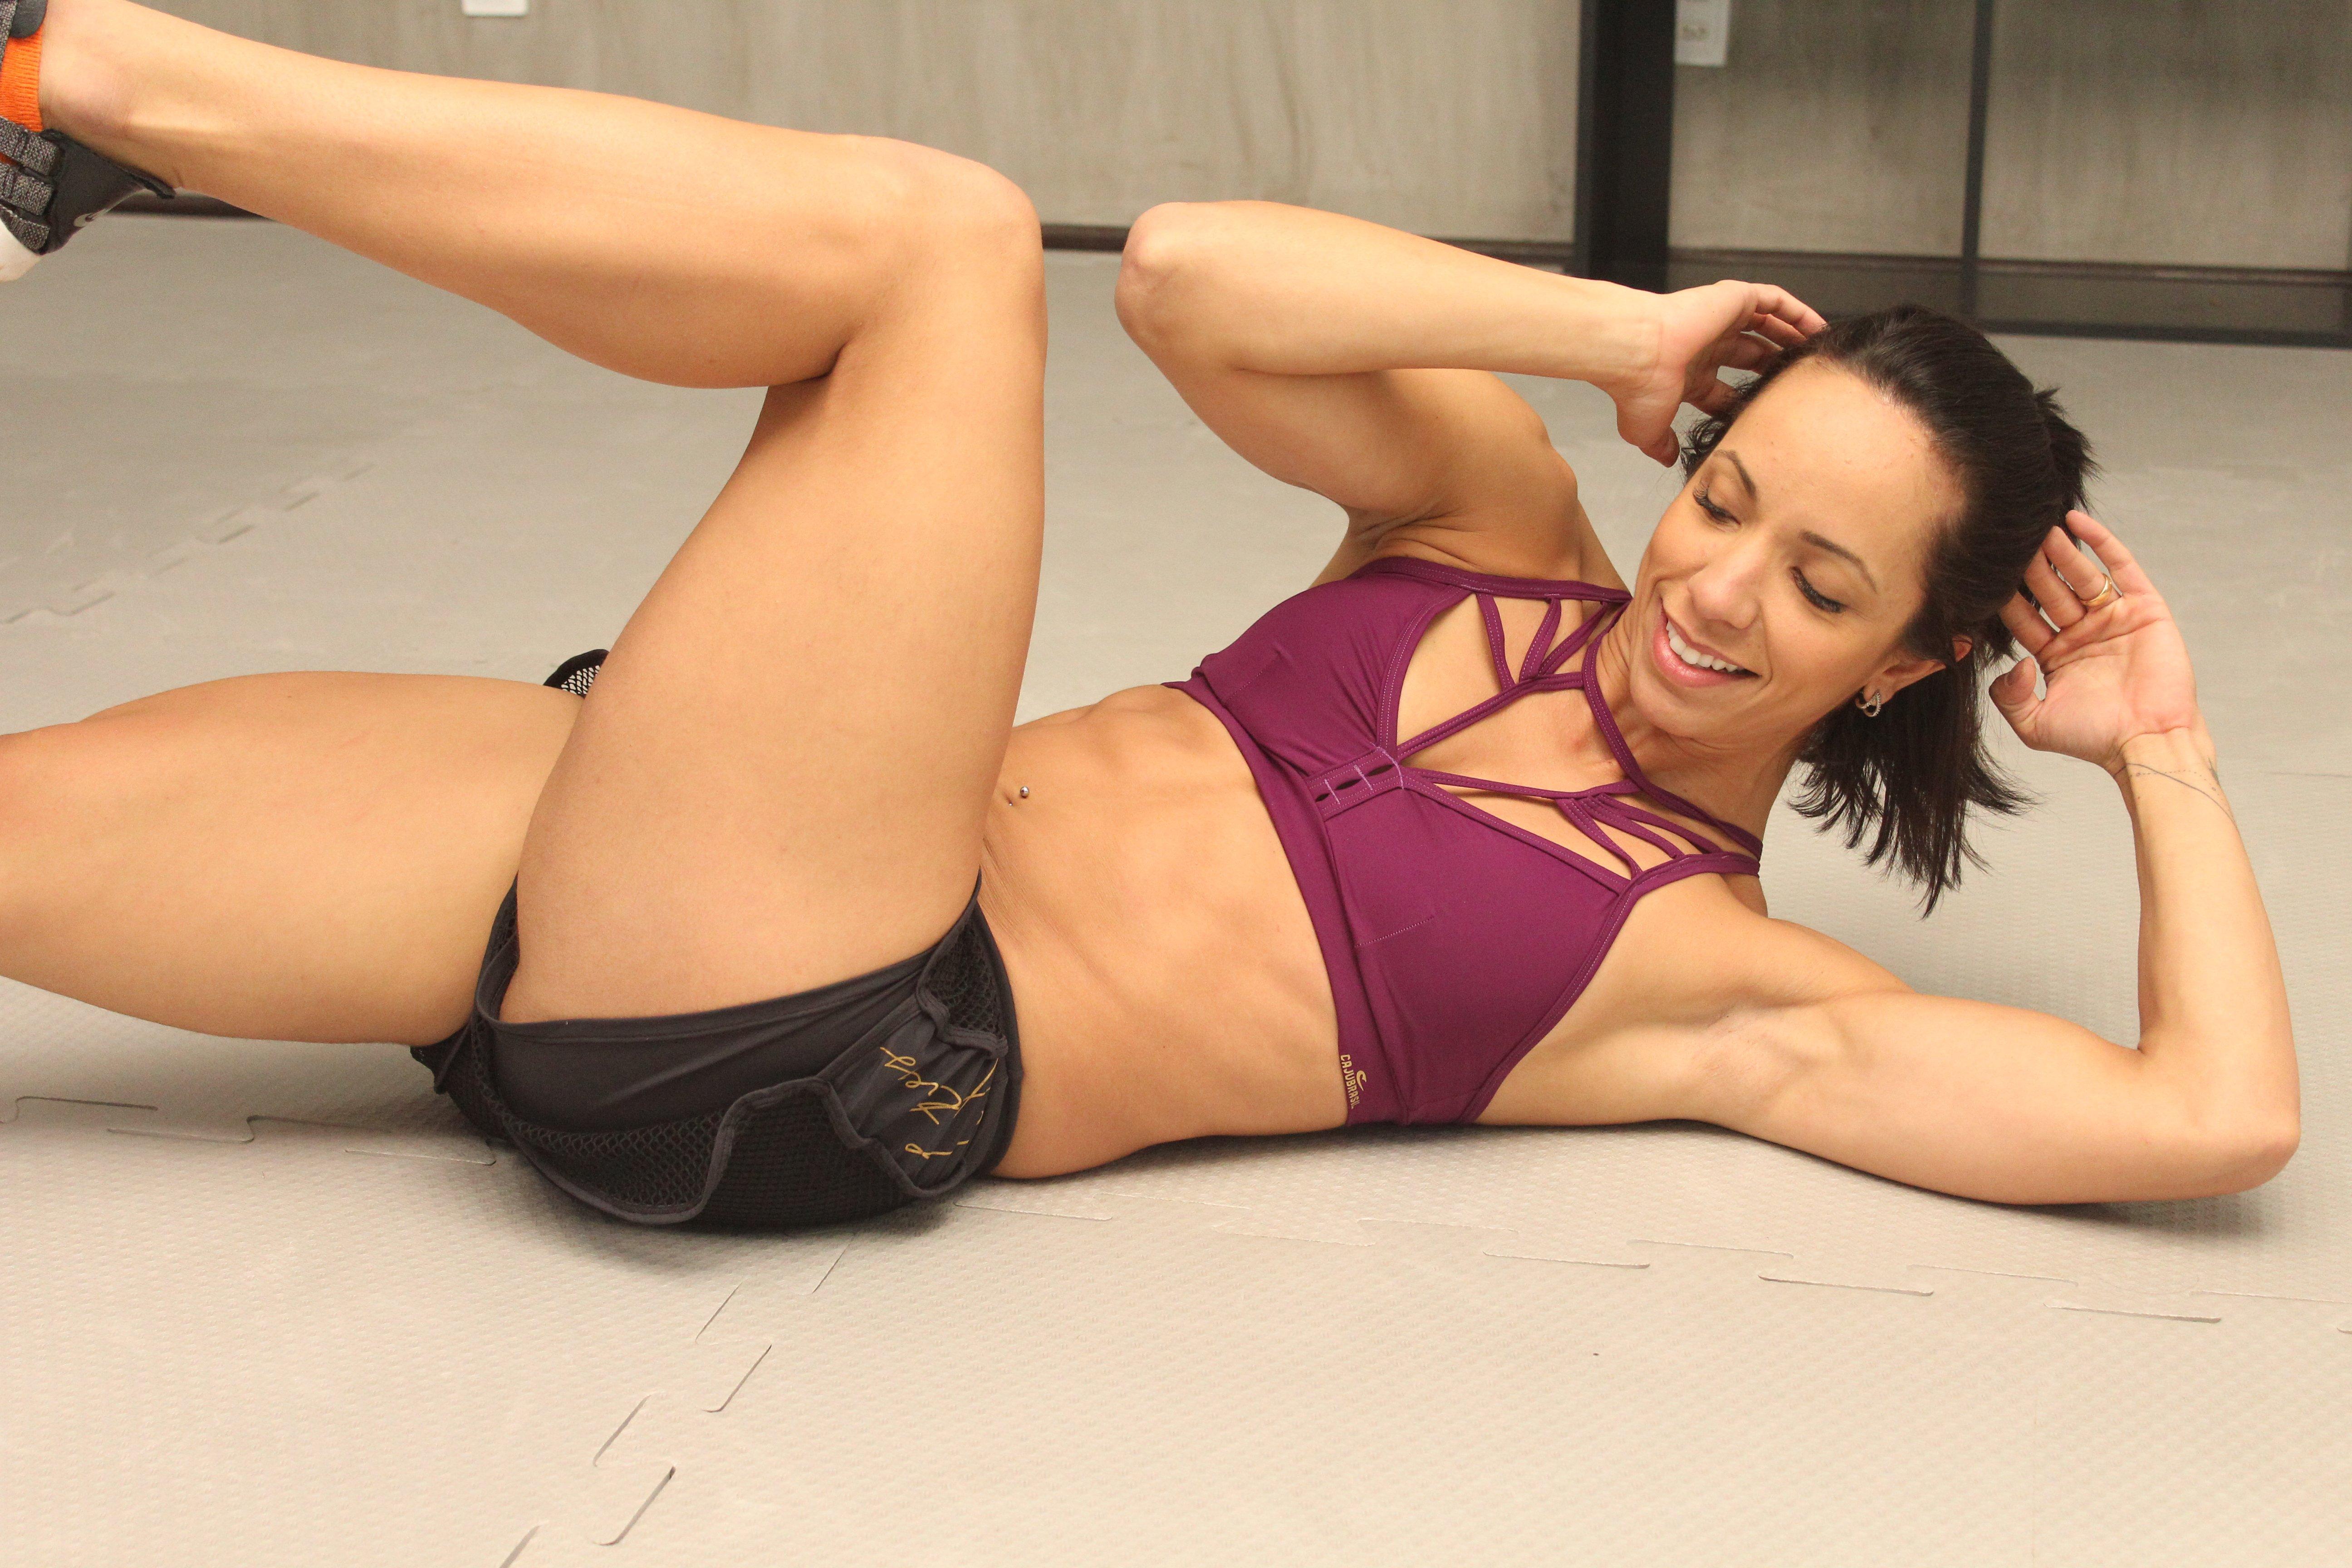 exercicios para emagrecer e definir o corpo feminino